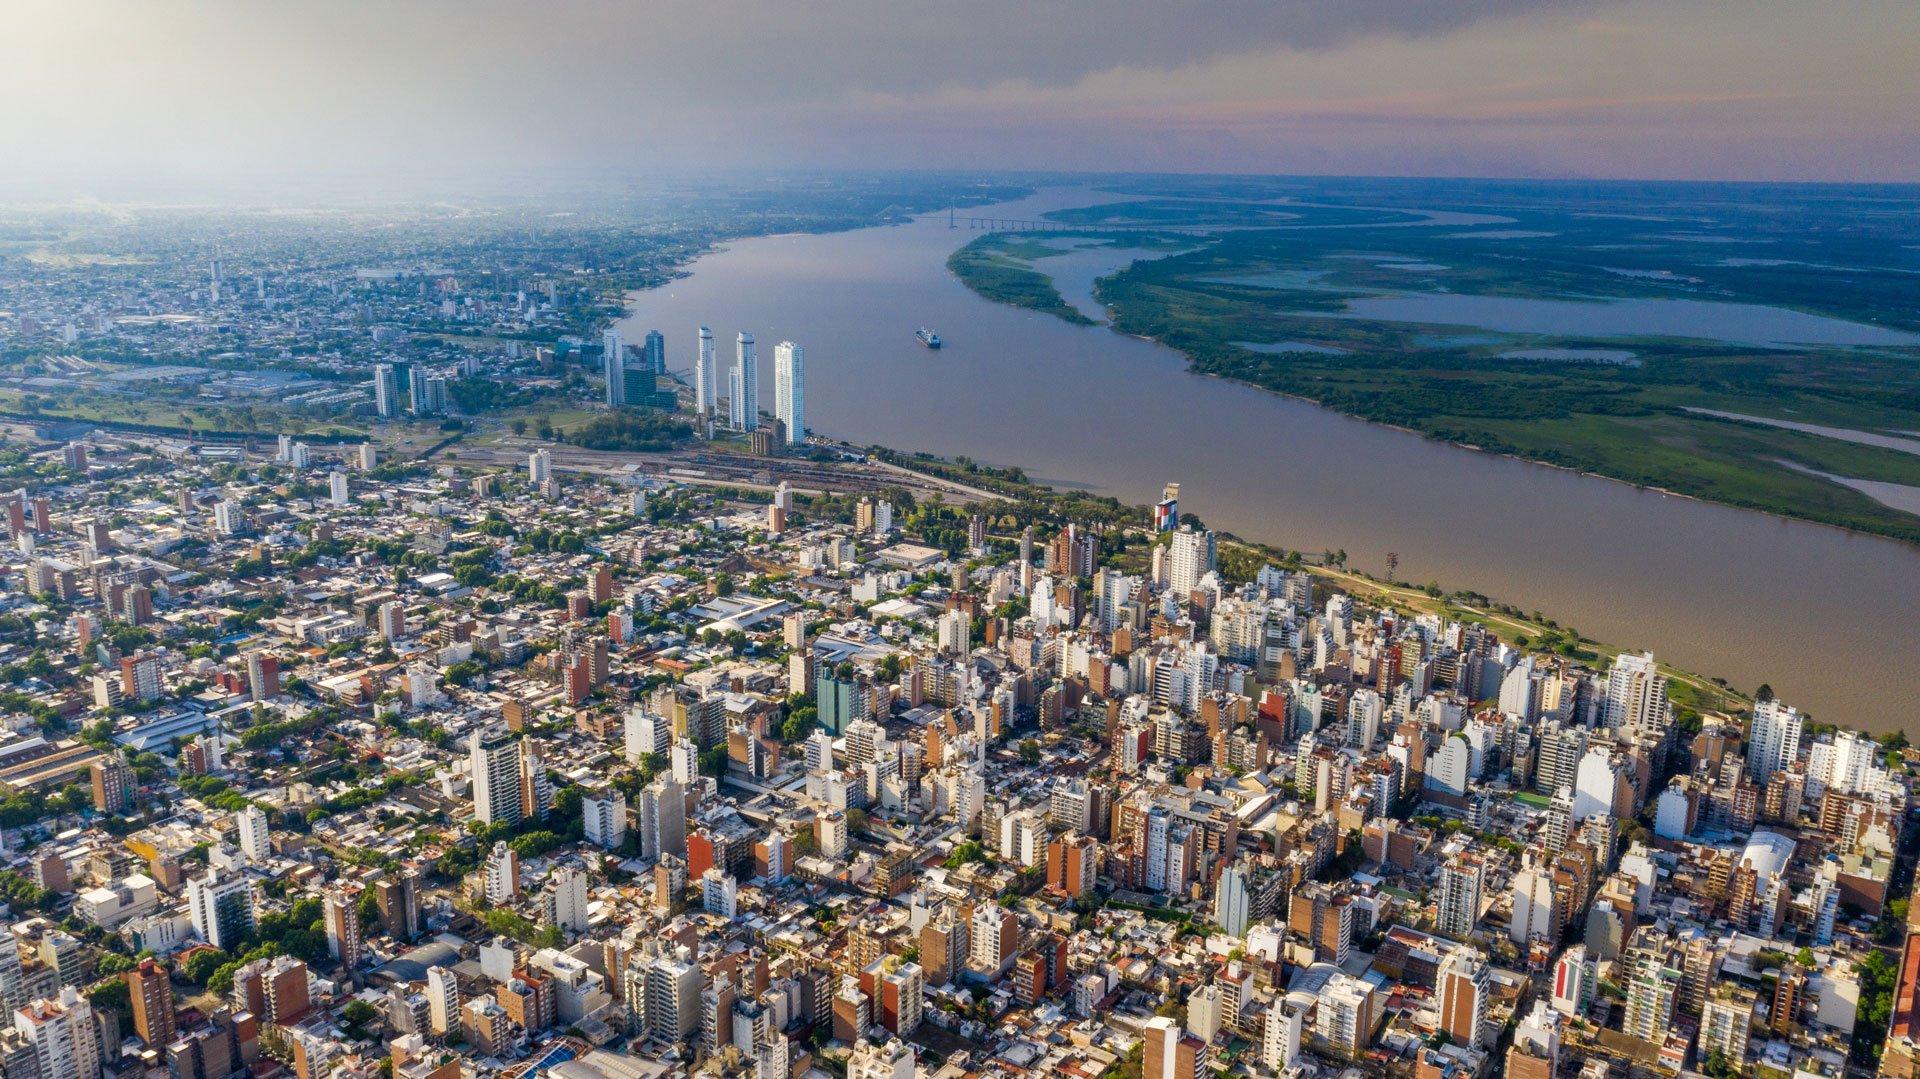 Как город победил экономический кризис за счет устойчивых реформ